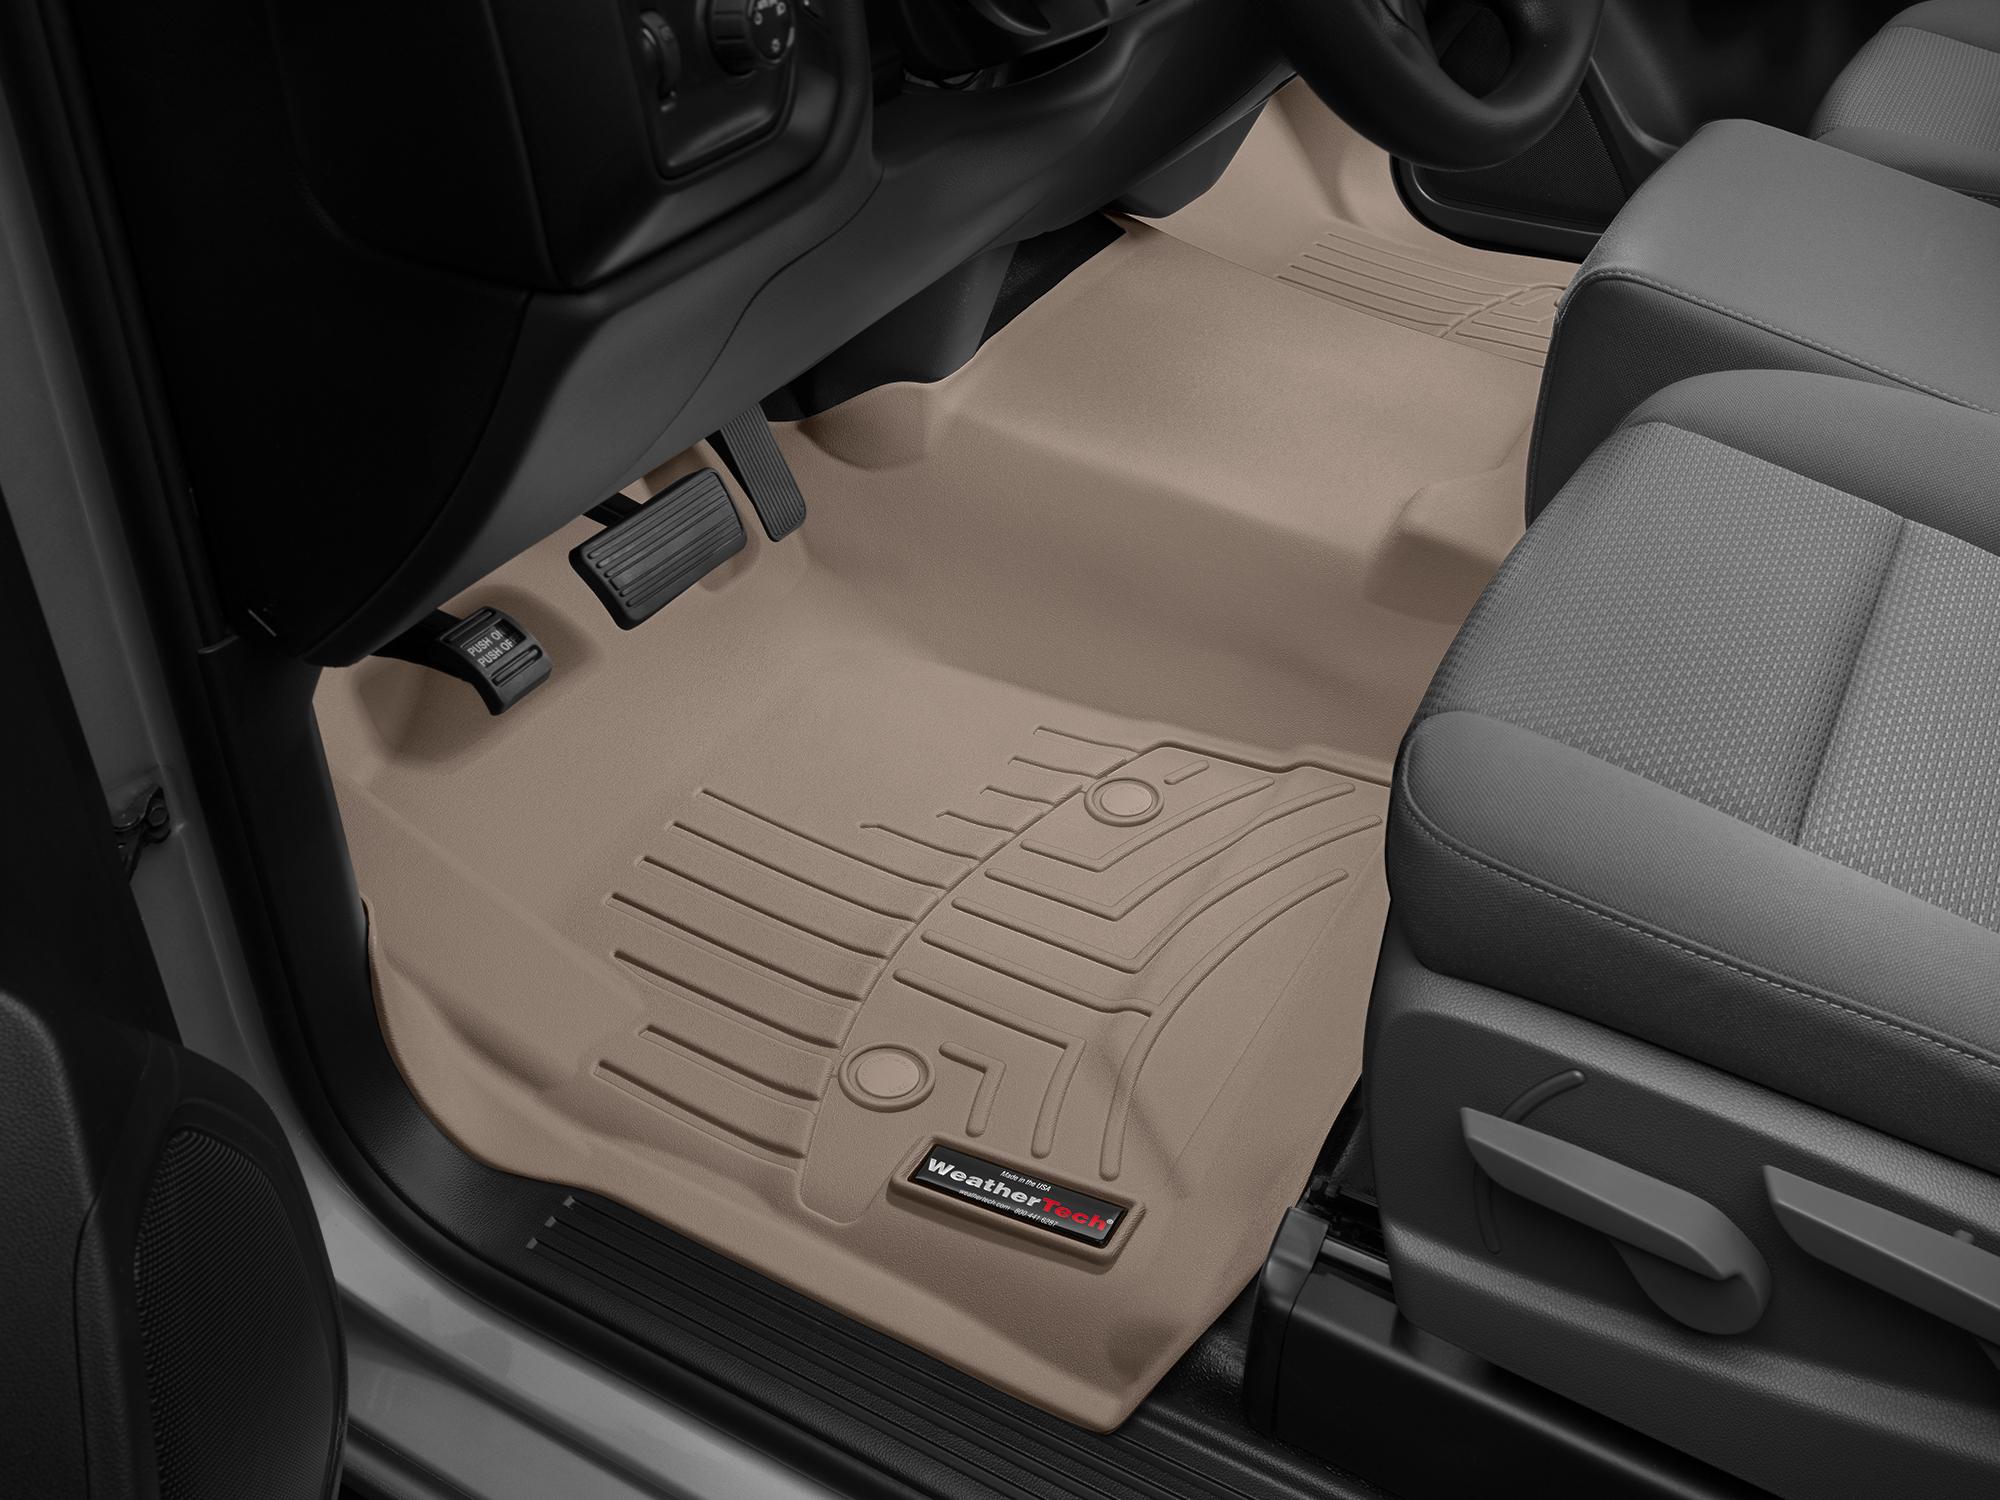 Tappeti gomma su misura bordo alto Chevrolet Silverado 14>14 Marrone A186